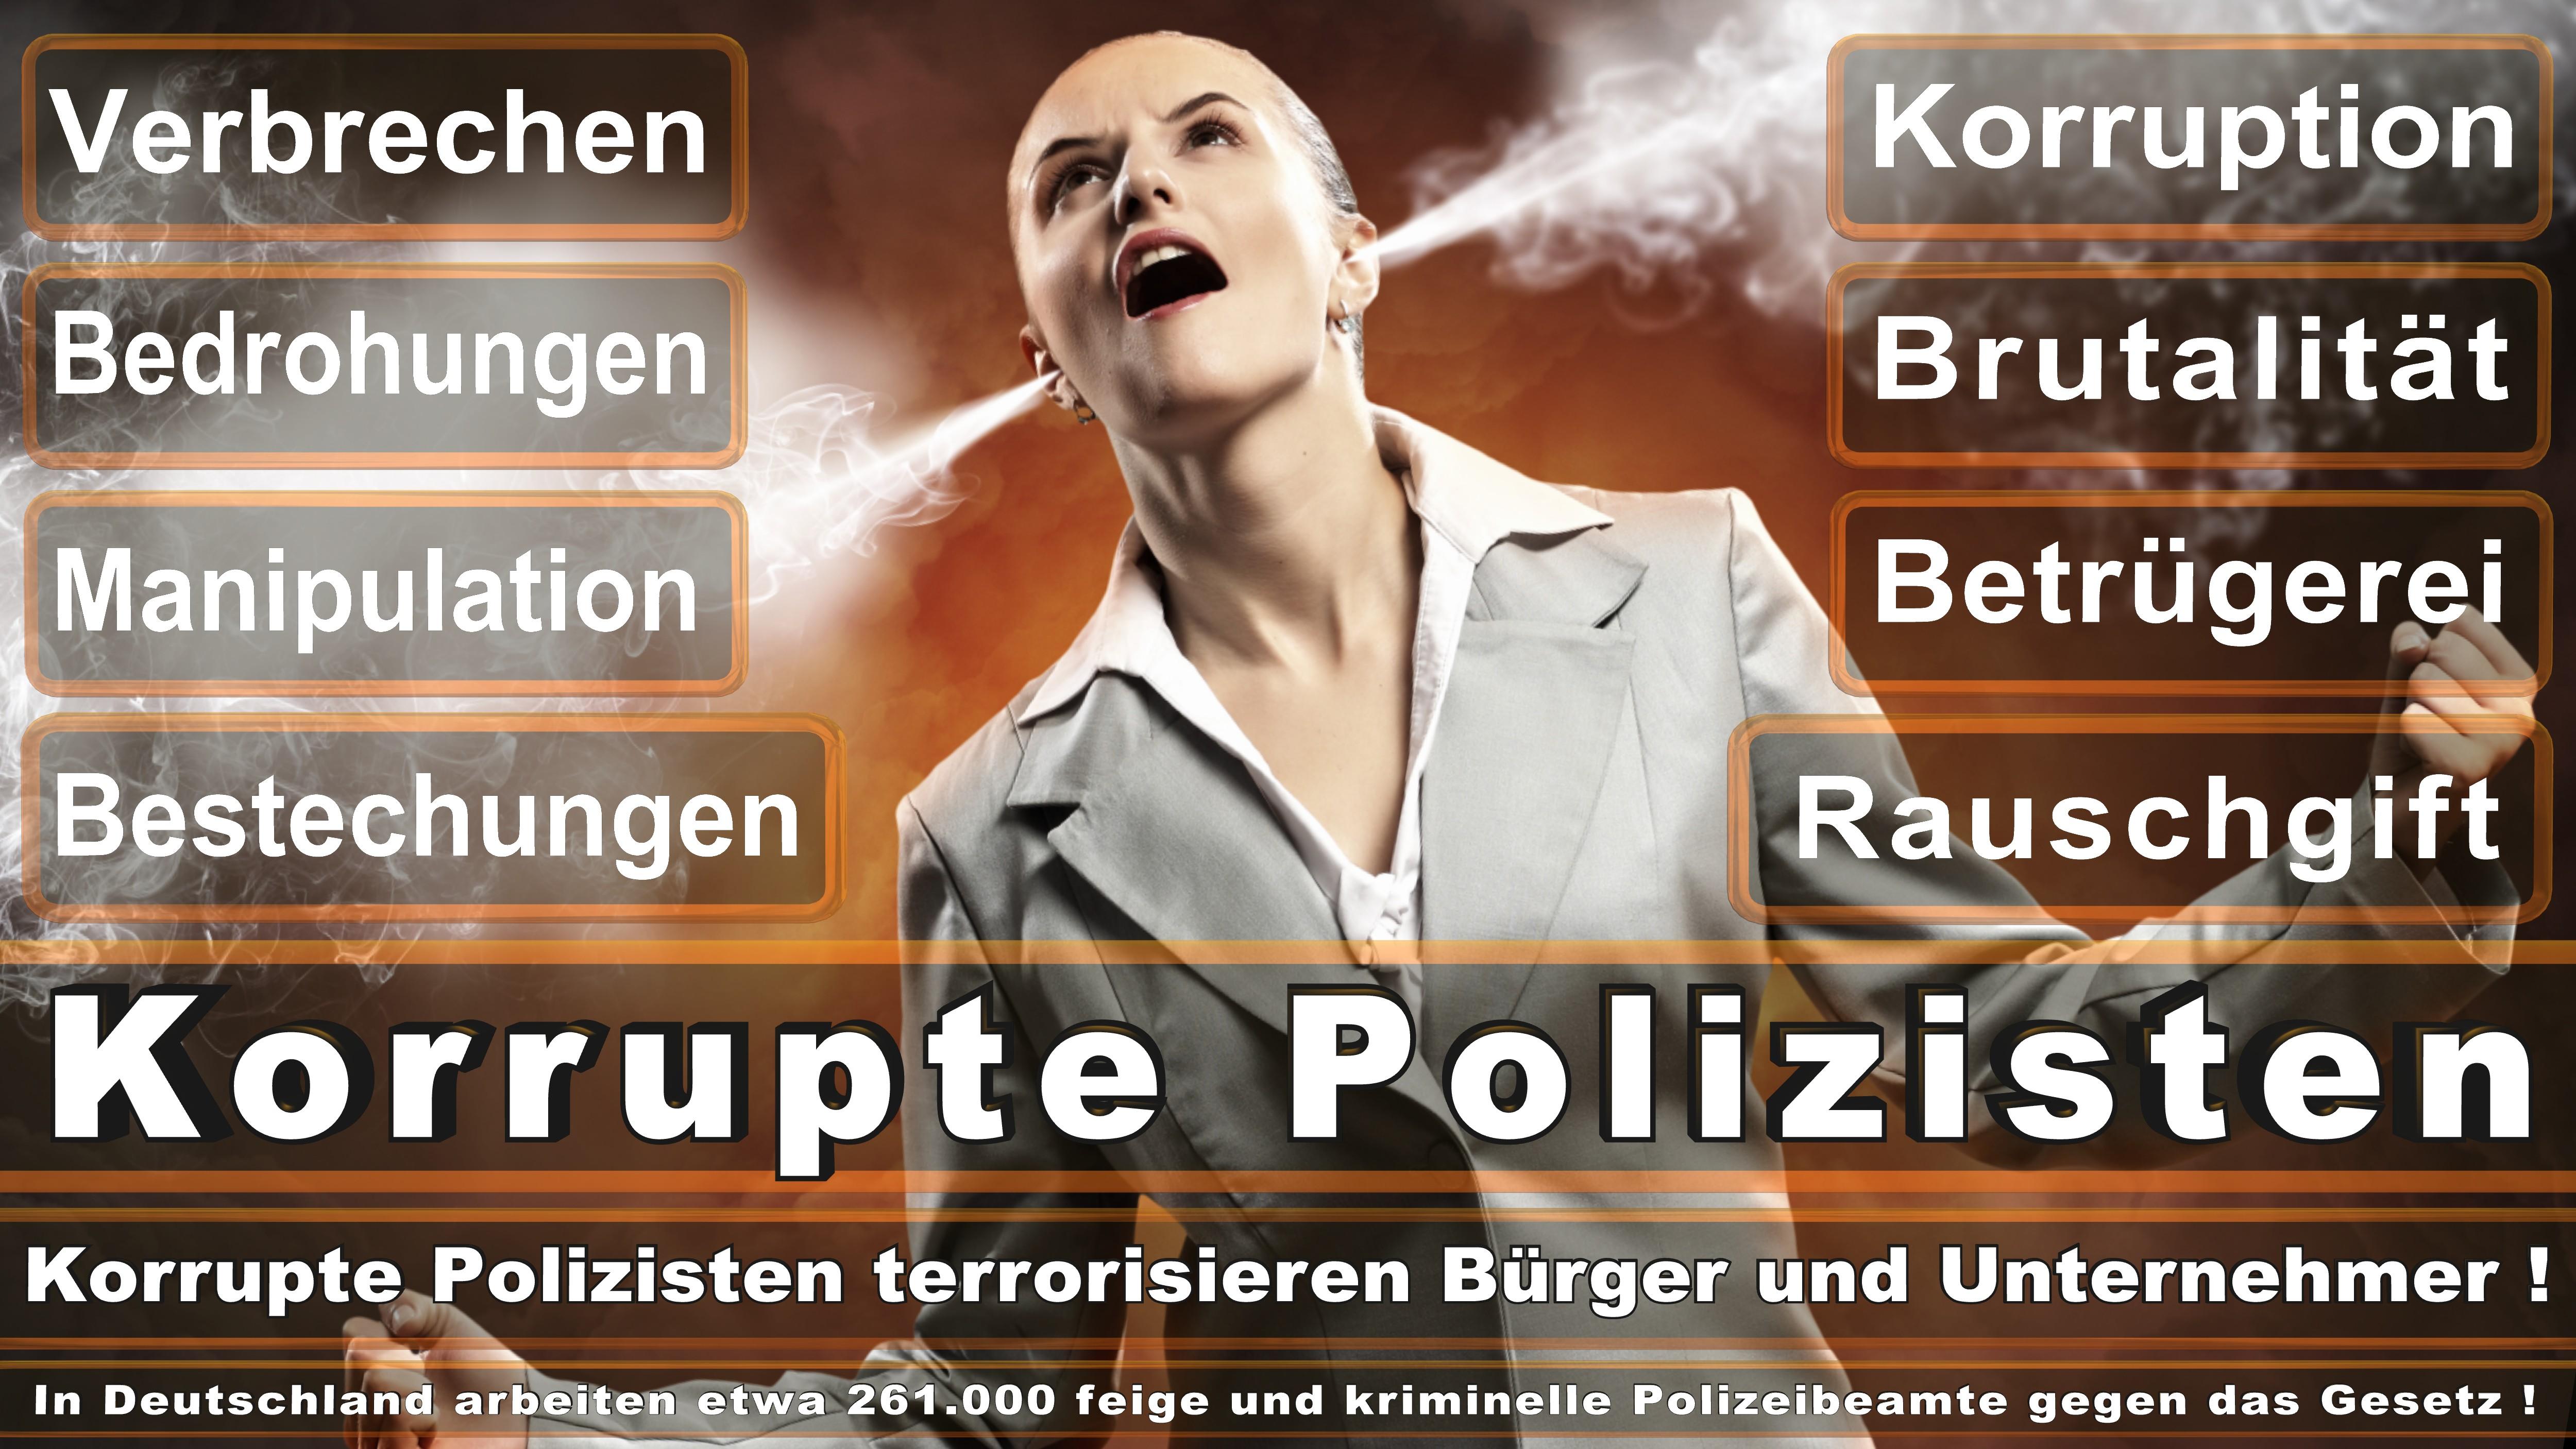 Polizei-Bielefeld (169) Verkehrsunfall Feuerwehr Einsätze, Presse, Fahrzeuge, Leistungsnachweis Tag der offenen Tür, 2015, Brake, Bielefeld